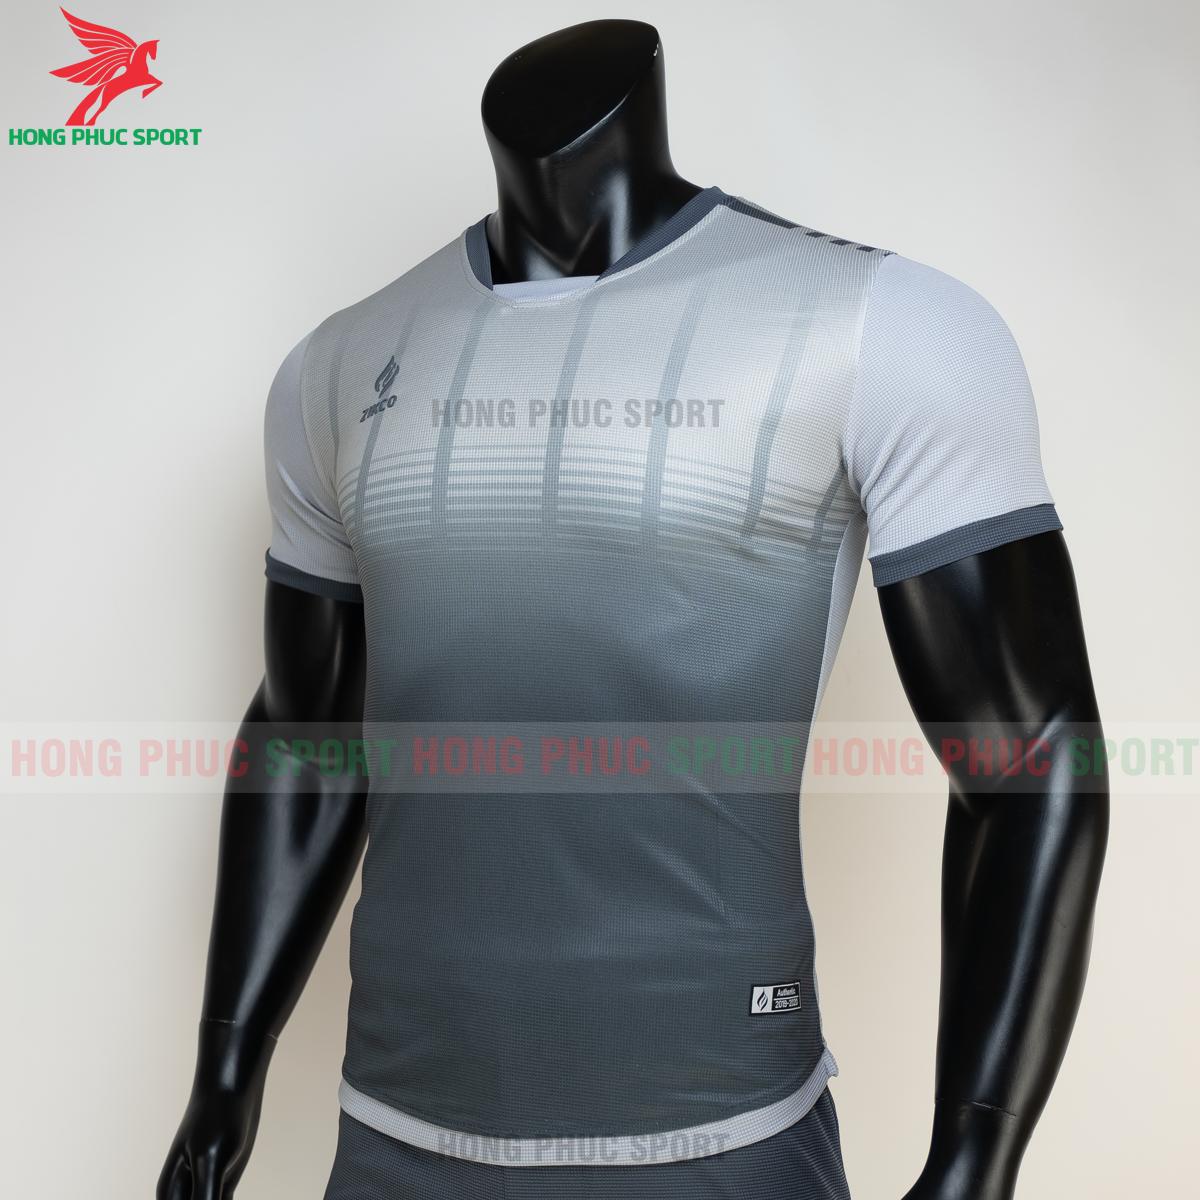 https://cdn.hongphucsport.com/unsafe/s4.shopbay.vn/files/285/ao-bong-da-khong-logo-zikco-z01-mau-den-3-605024eac94b8.png